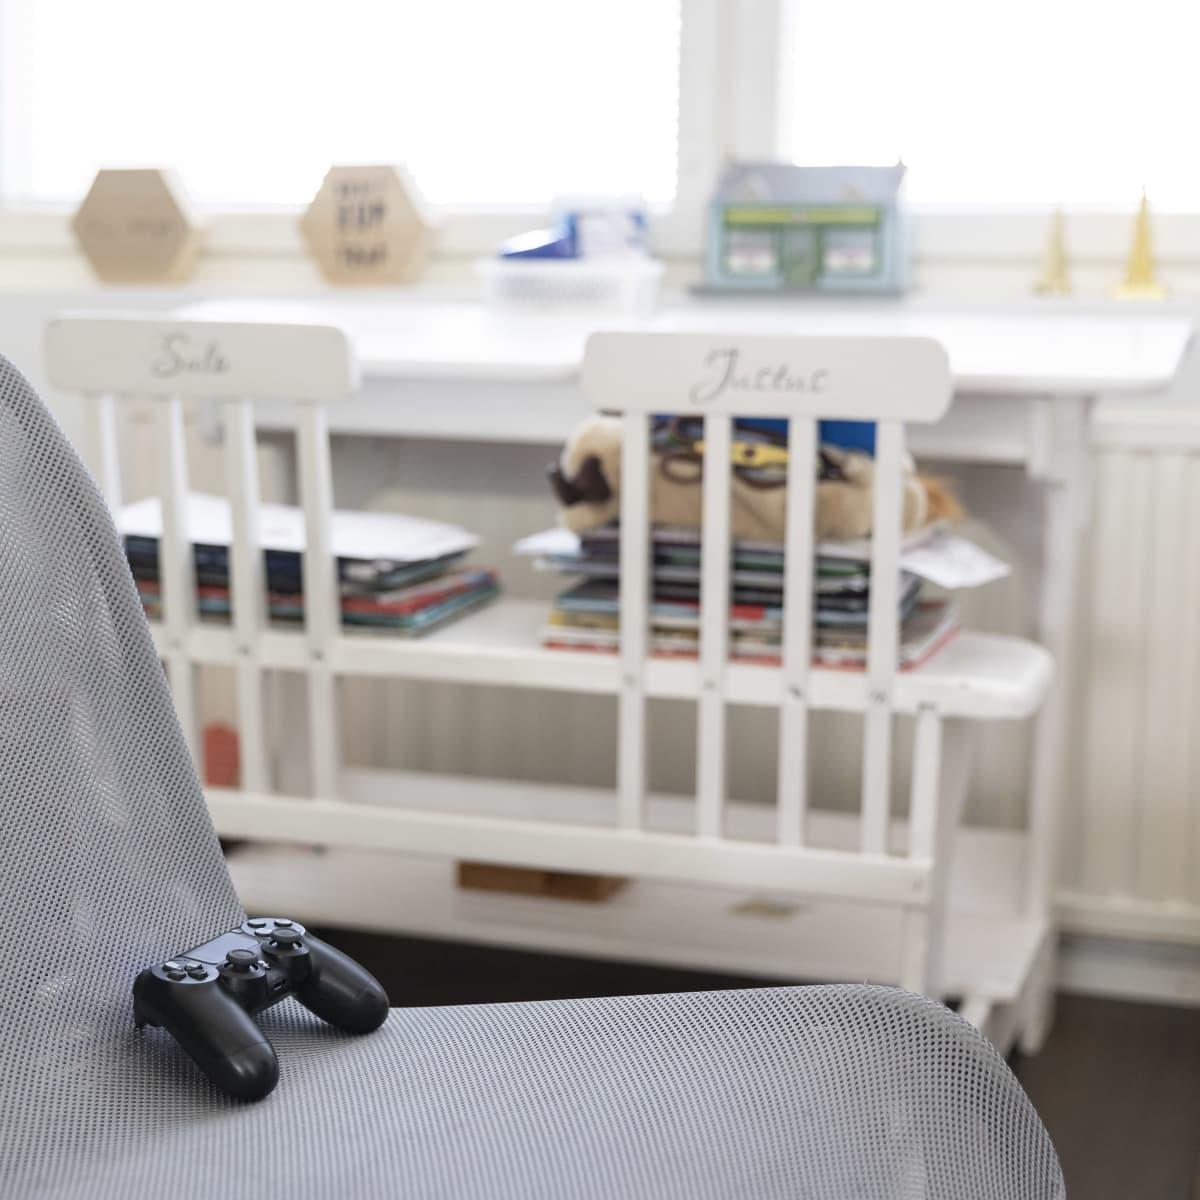 Playstation-ohjain tuolilla. Taustalla vanha pulpetti.